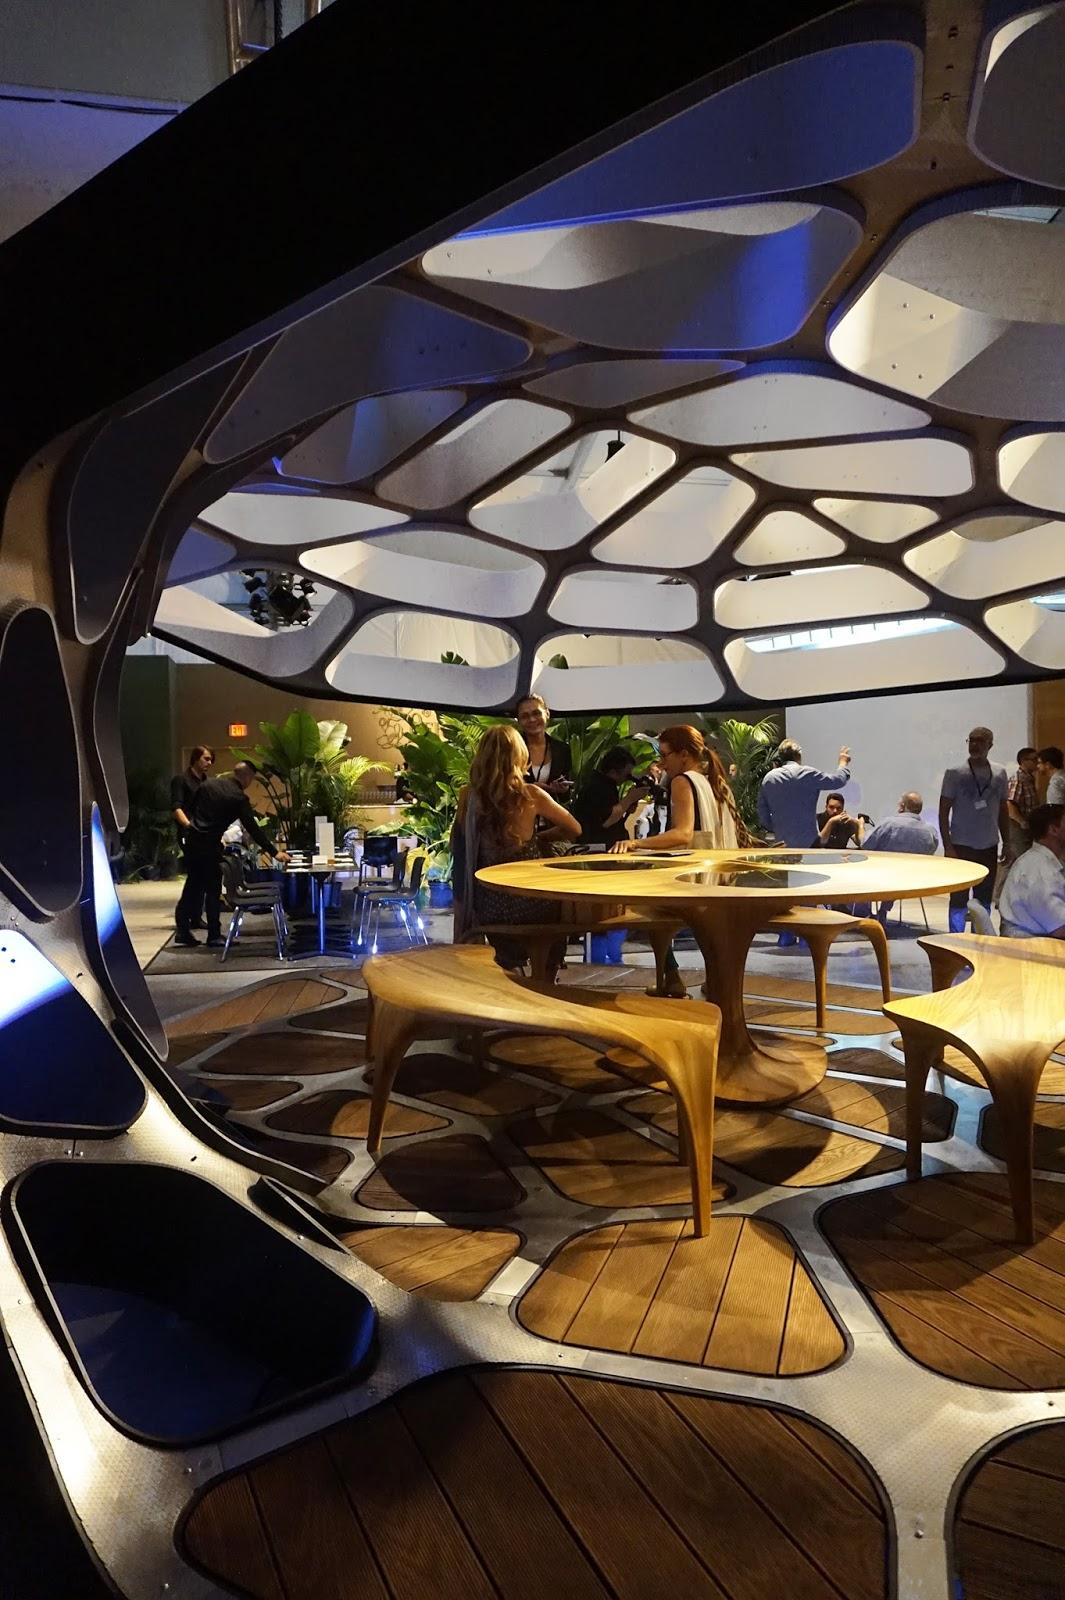 Dining Pavilion by Zaha Hadid